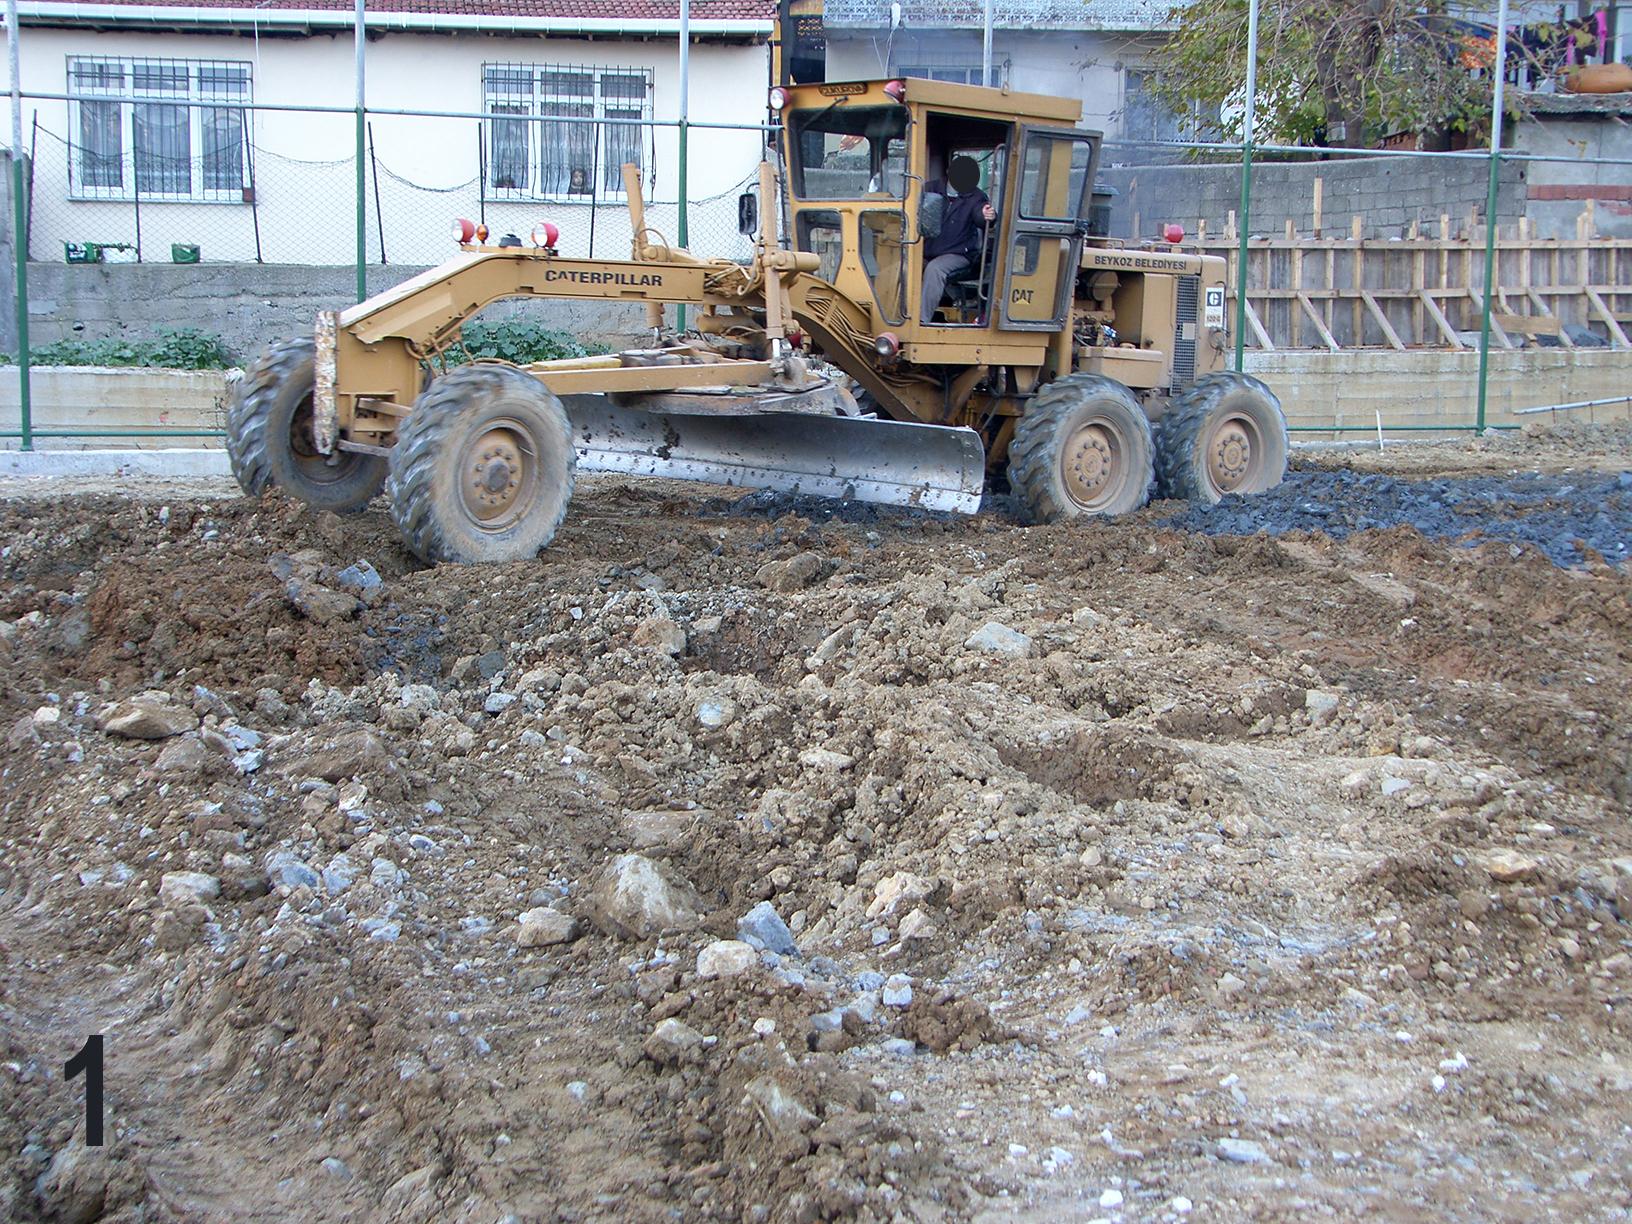 halı saha harfiyat, halı saha inşaat, harfiyat çalışması,